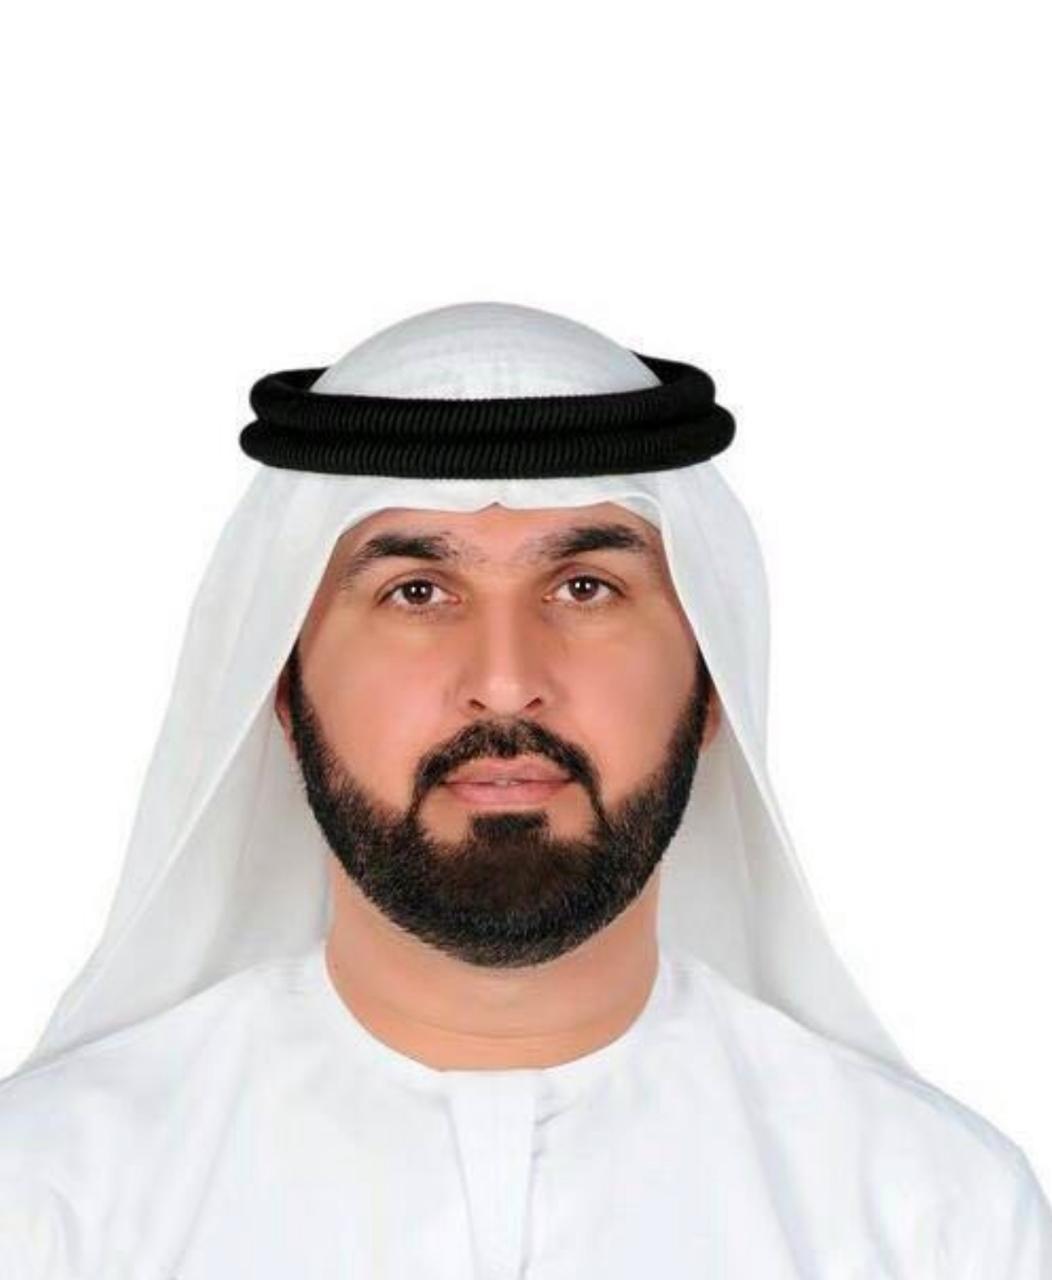 اختيار السيد قاسم احمد المرشدي من قبل المنظمة الدولية للعمل التطوعي I-O-V